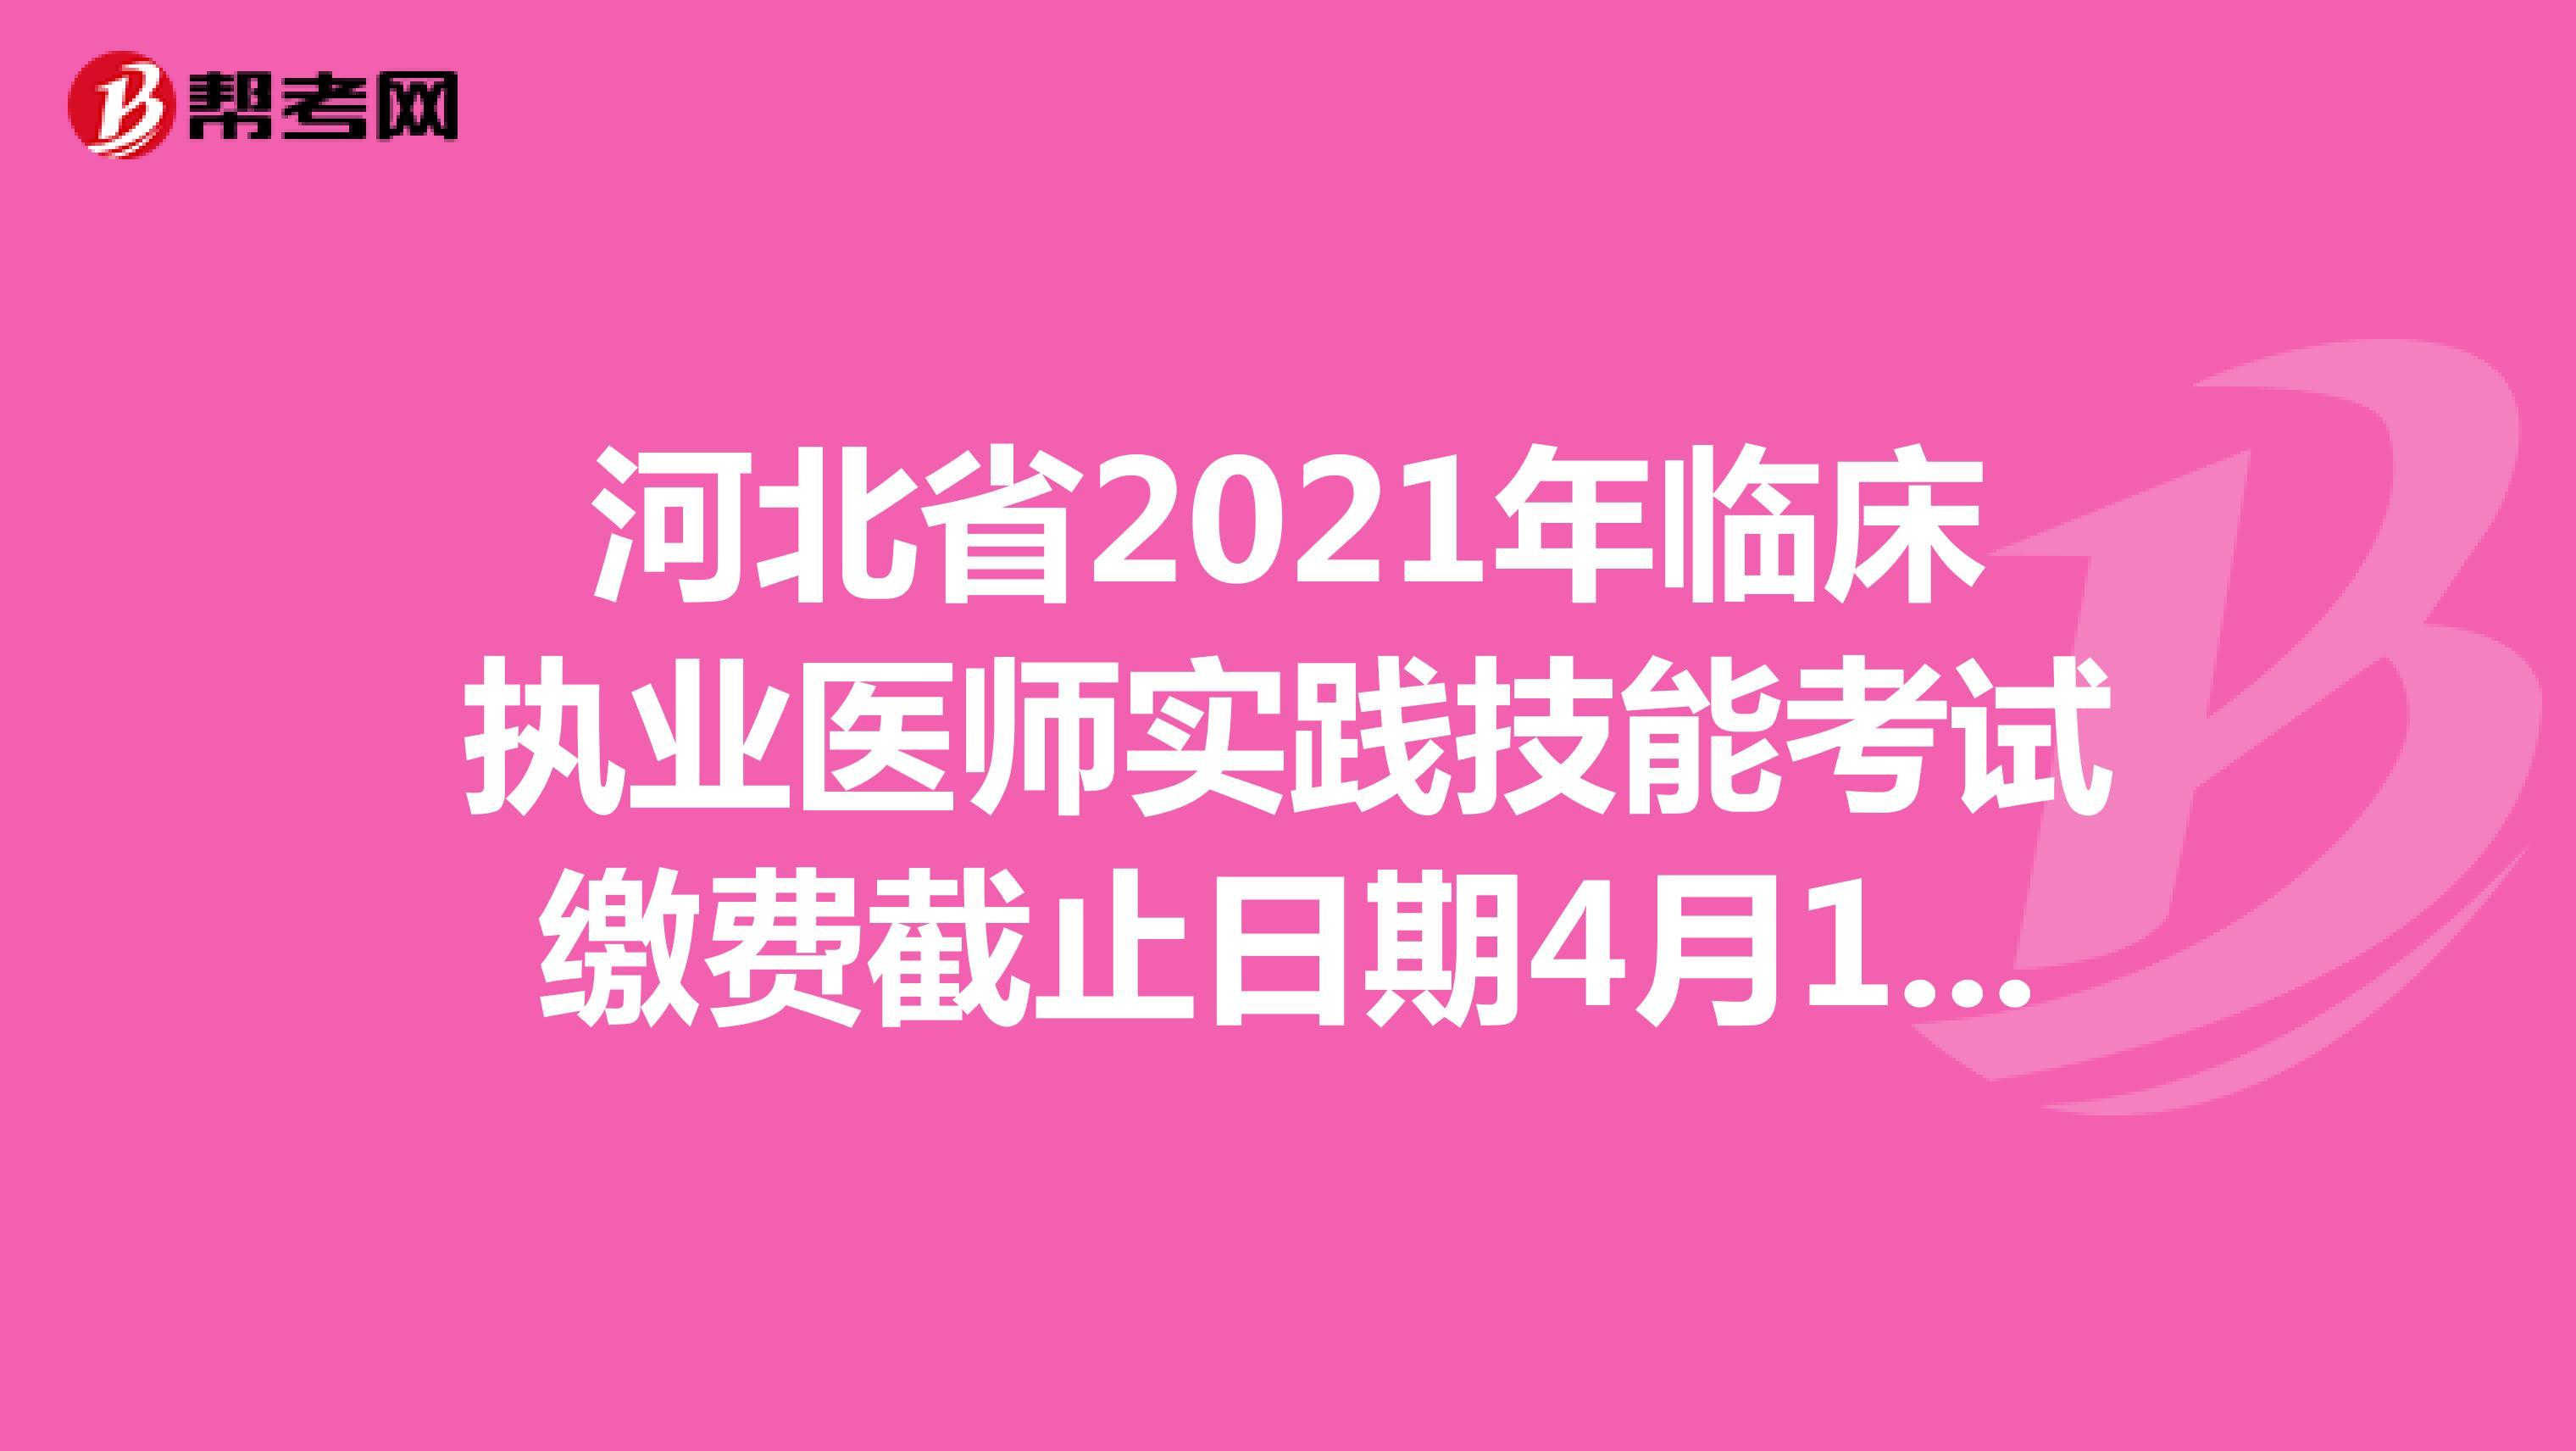 河北省2021年臨床執業醫師實踐技能考試繳費截止日期4月10日